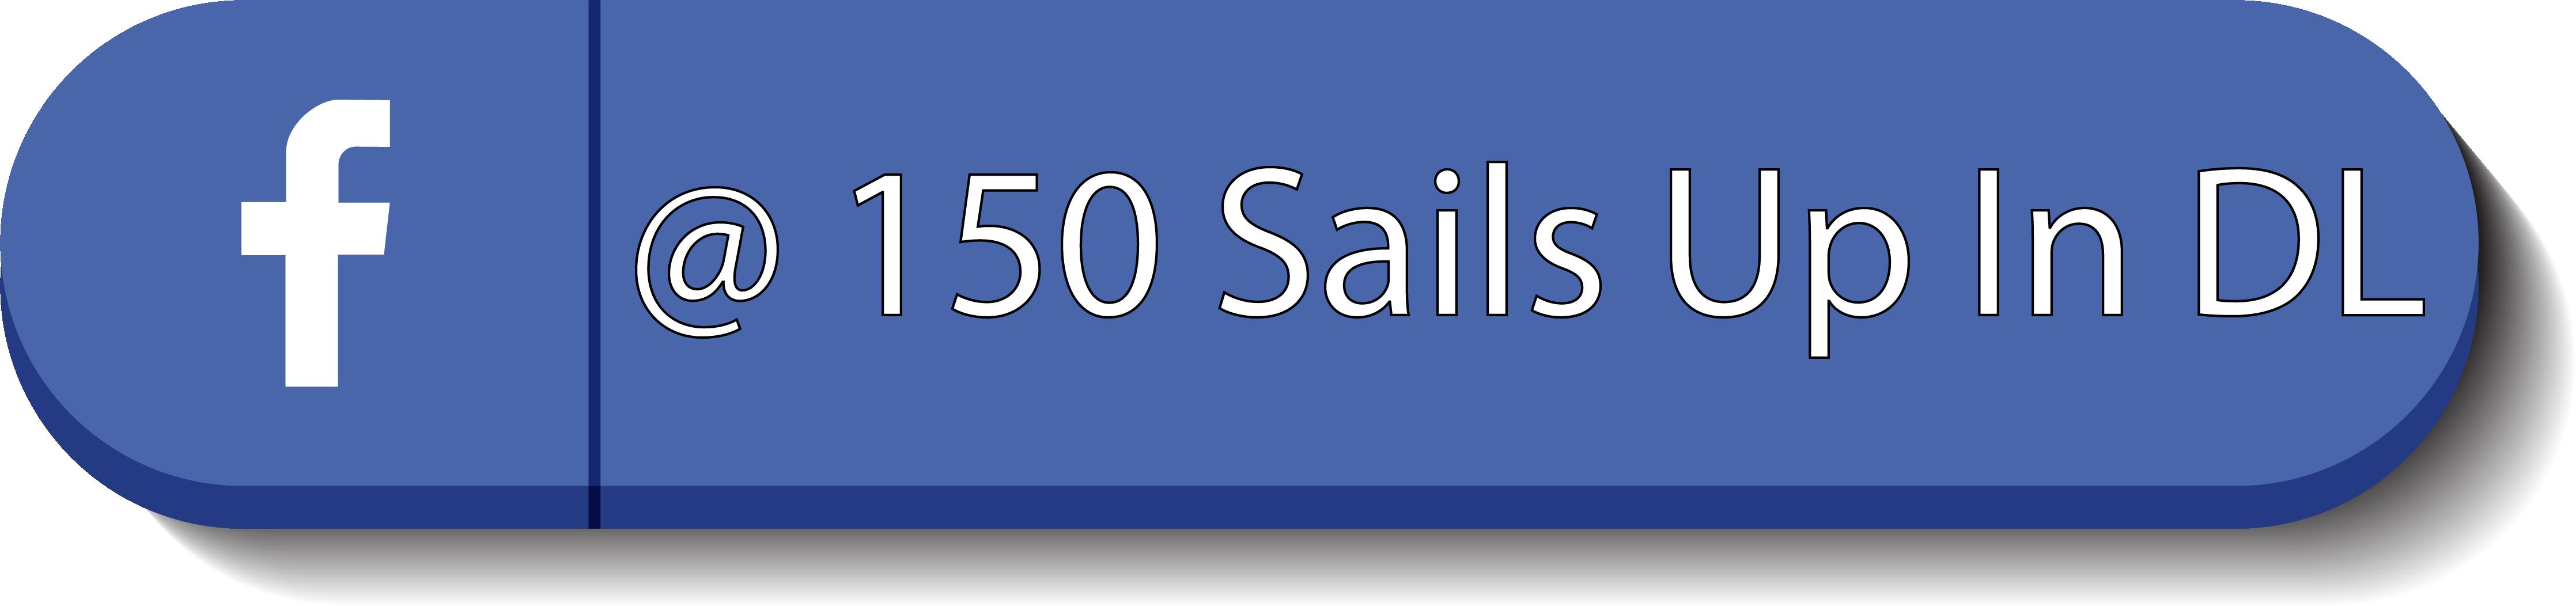 DL150 Facebook Page